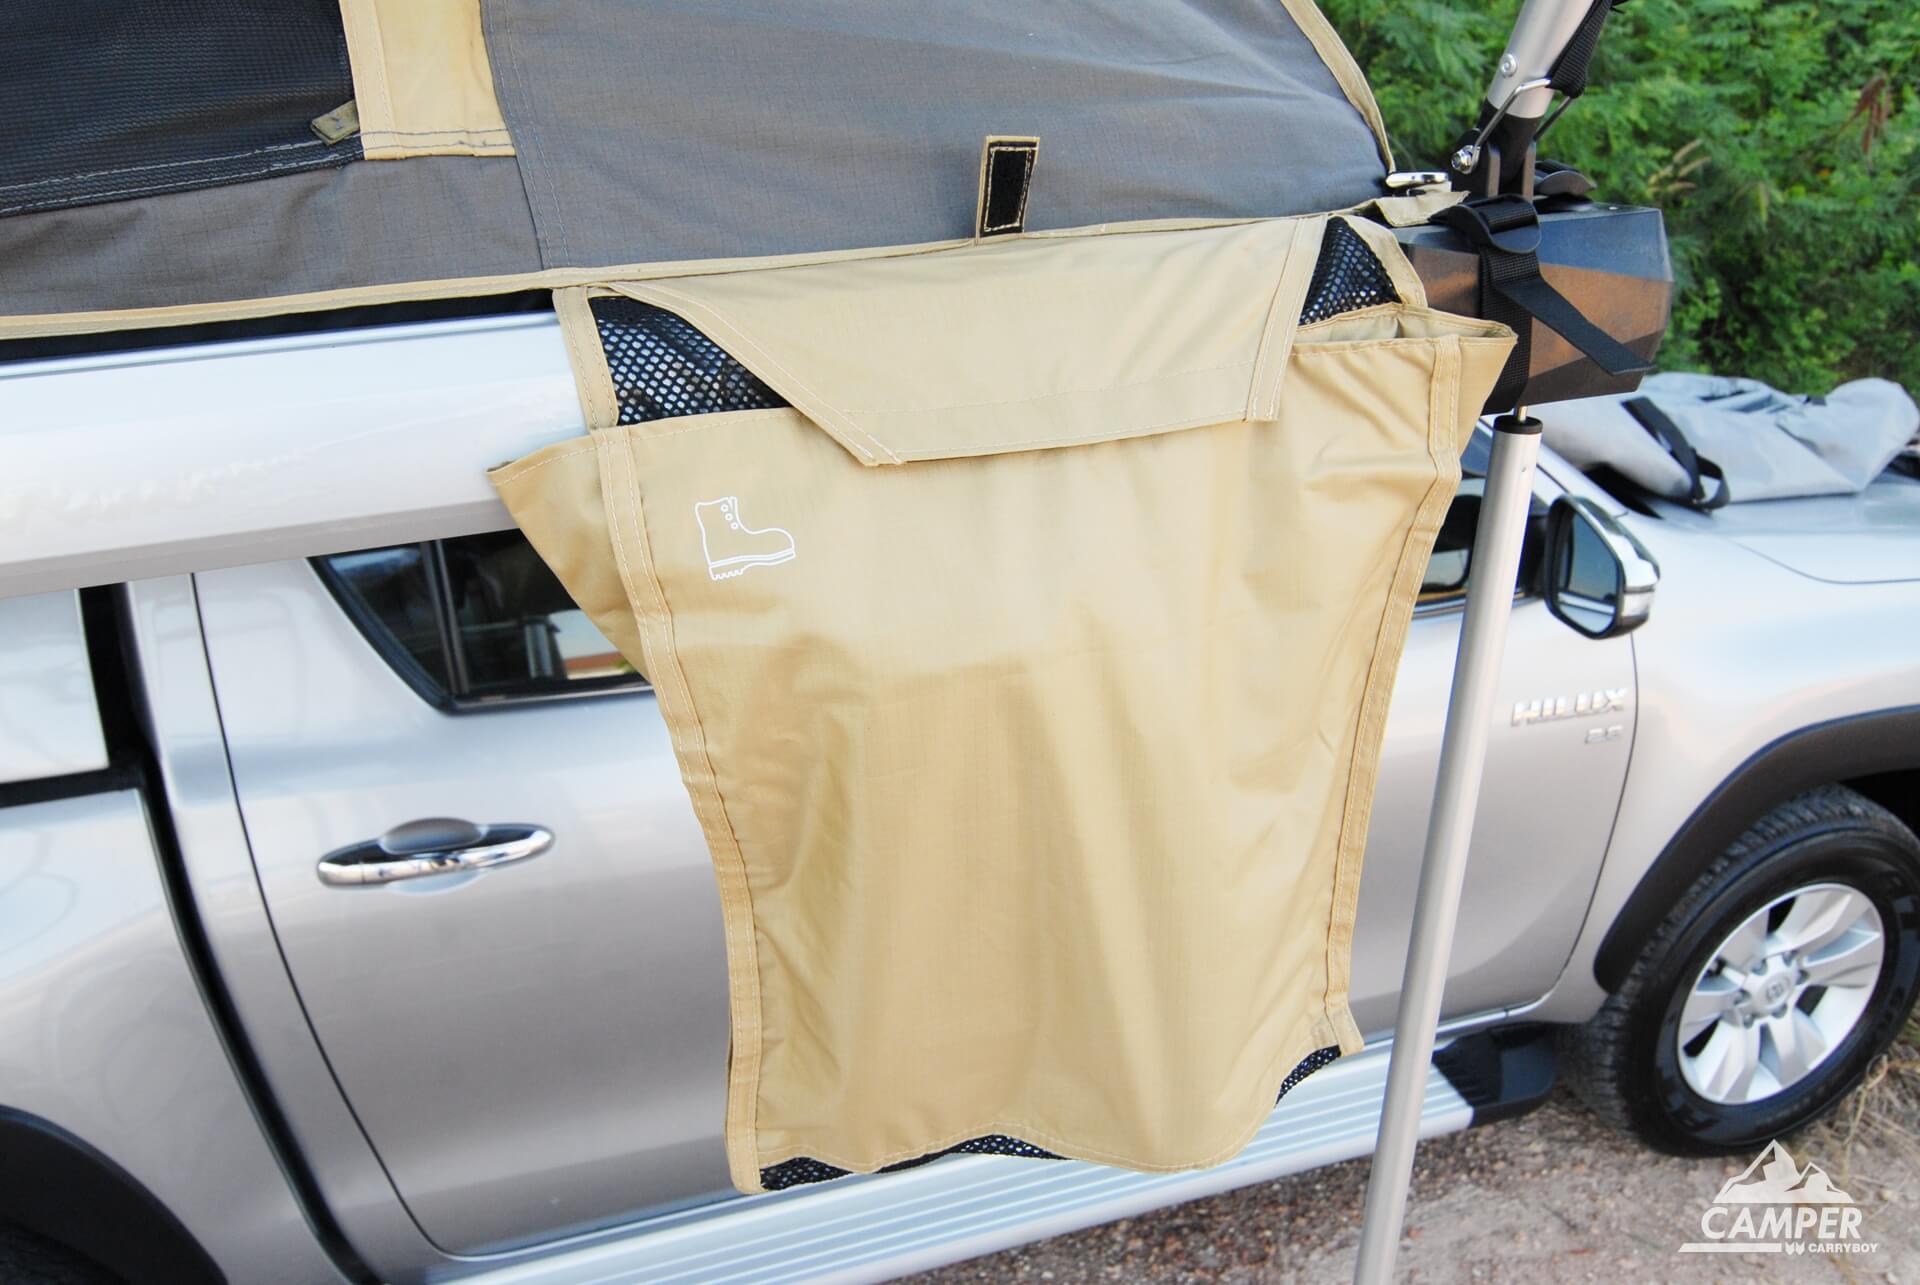 Carryboy Camper Dachzelt für 2 bis 3 Personen für alle Fahrzeuge Staufächer für Schuhesonen